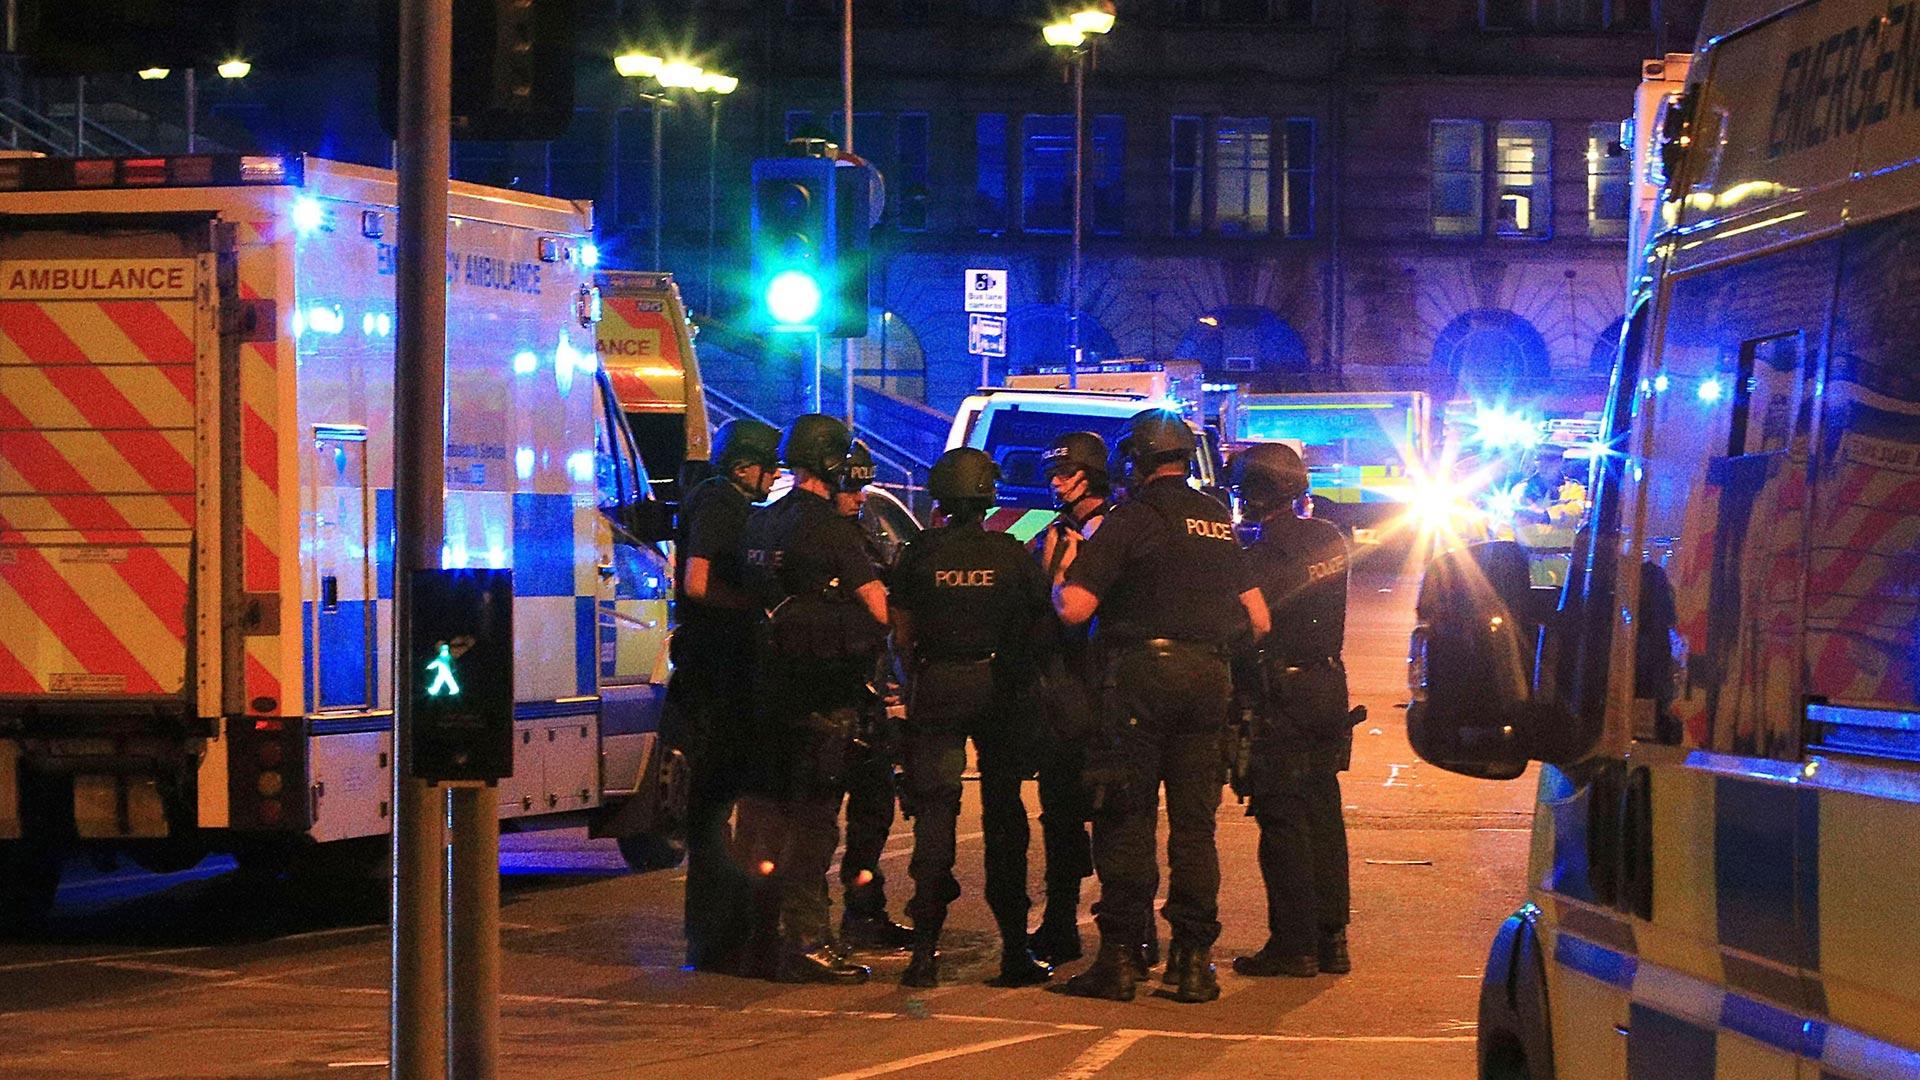 La policía de transporte de Gran Bretaña confirmó que el incidente en Manchester dejó al menos 19 muertos y 50 heridos (AP)